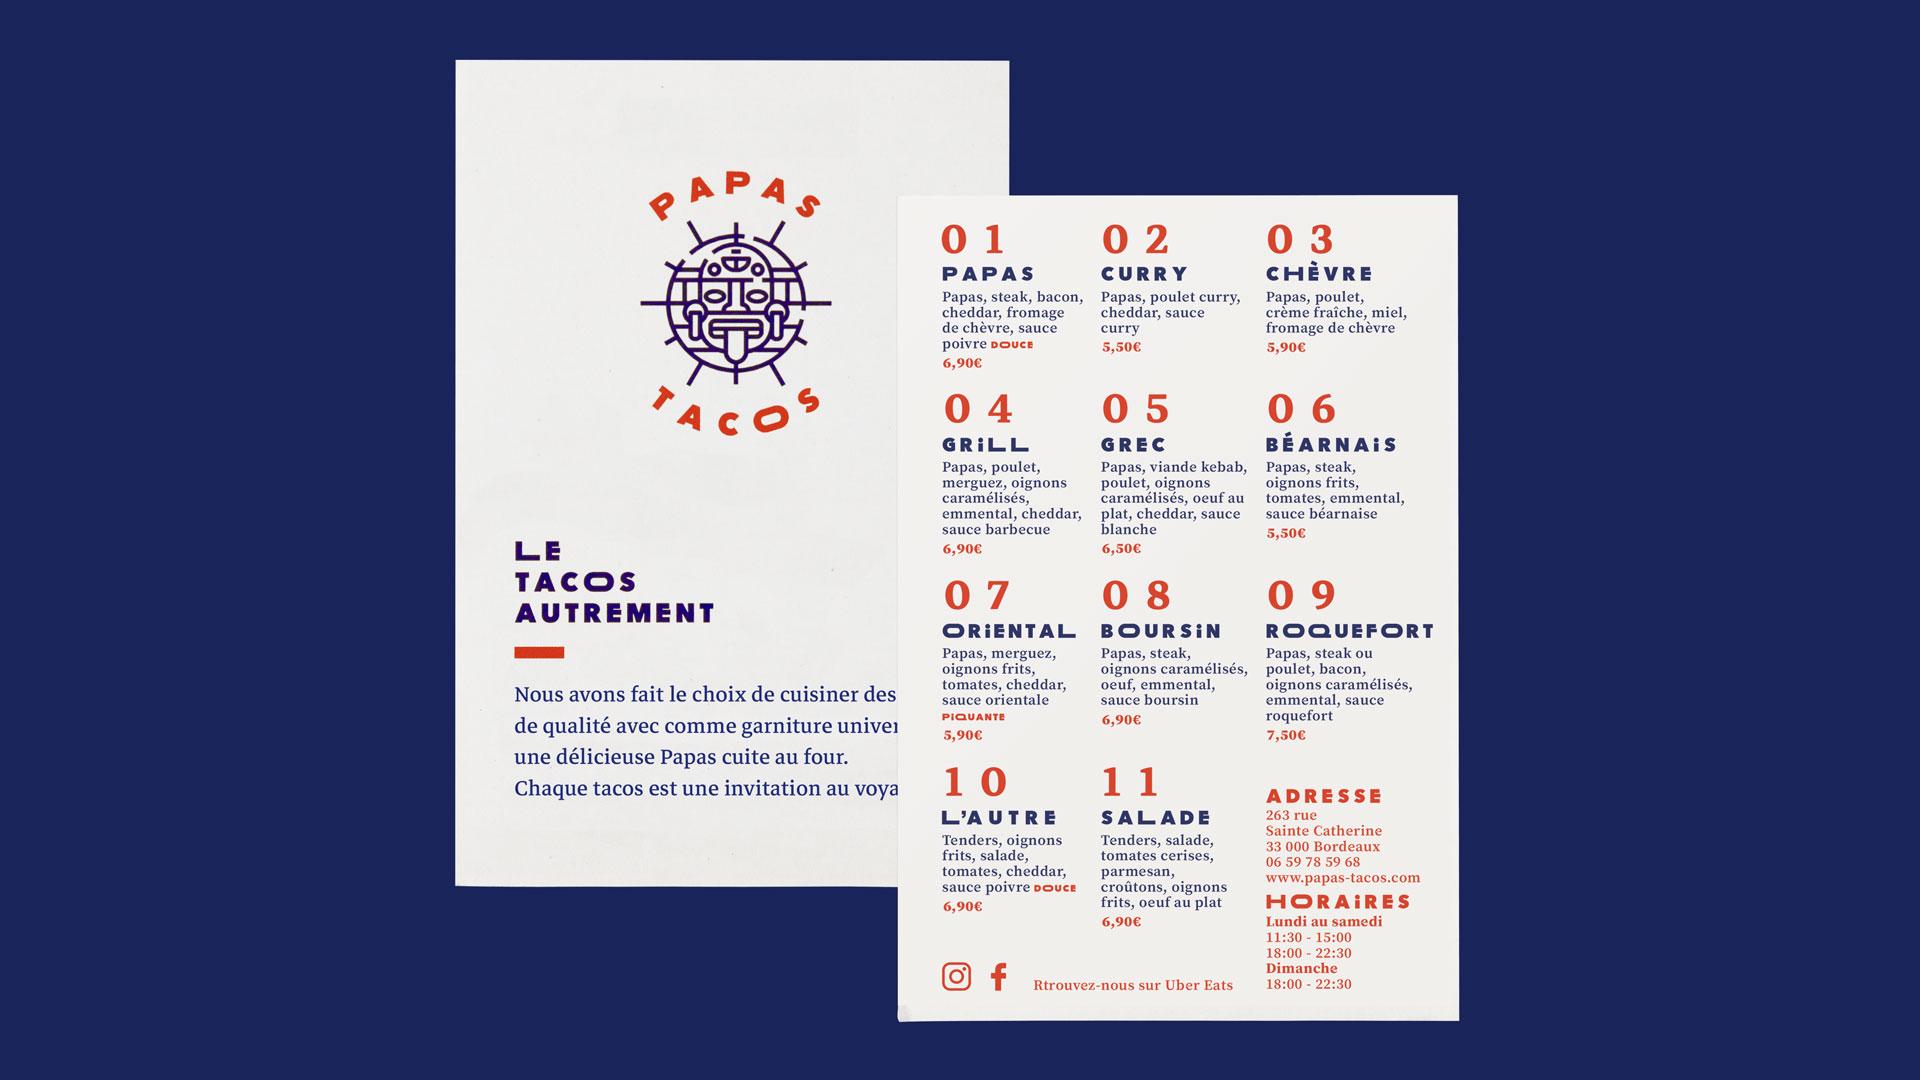 Papas tacos - restaurant - Bordeaux - identity - graphic - flyer - menu